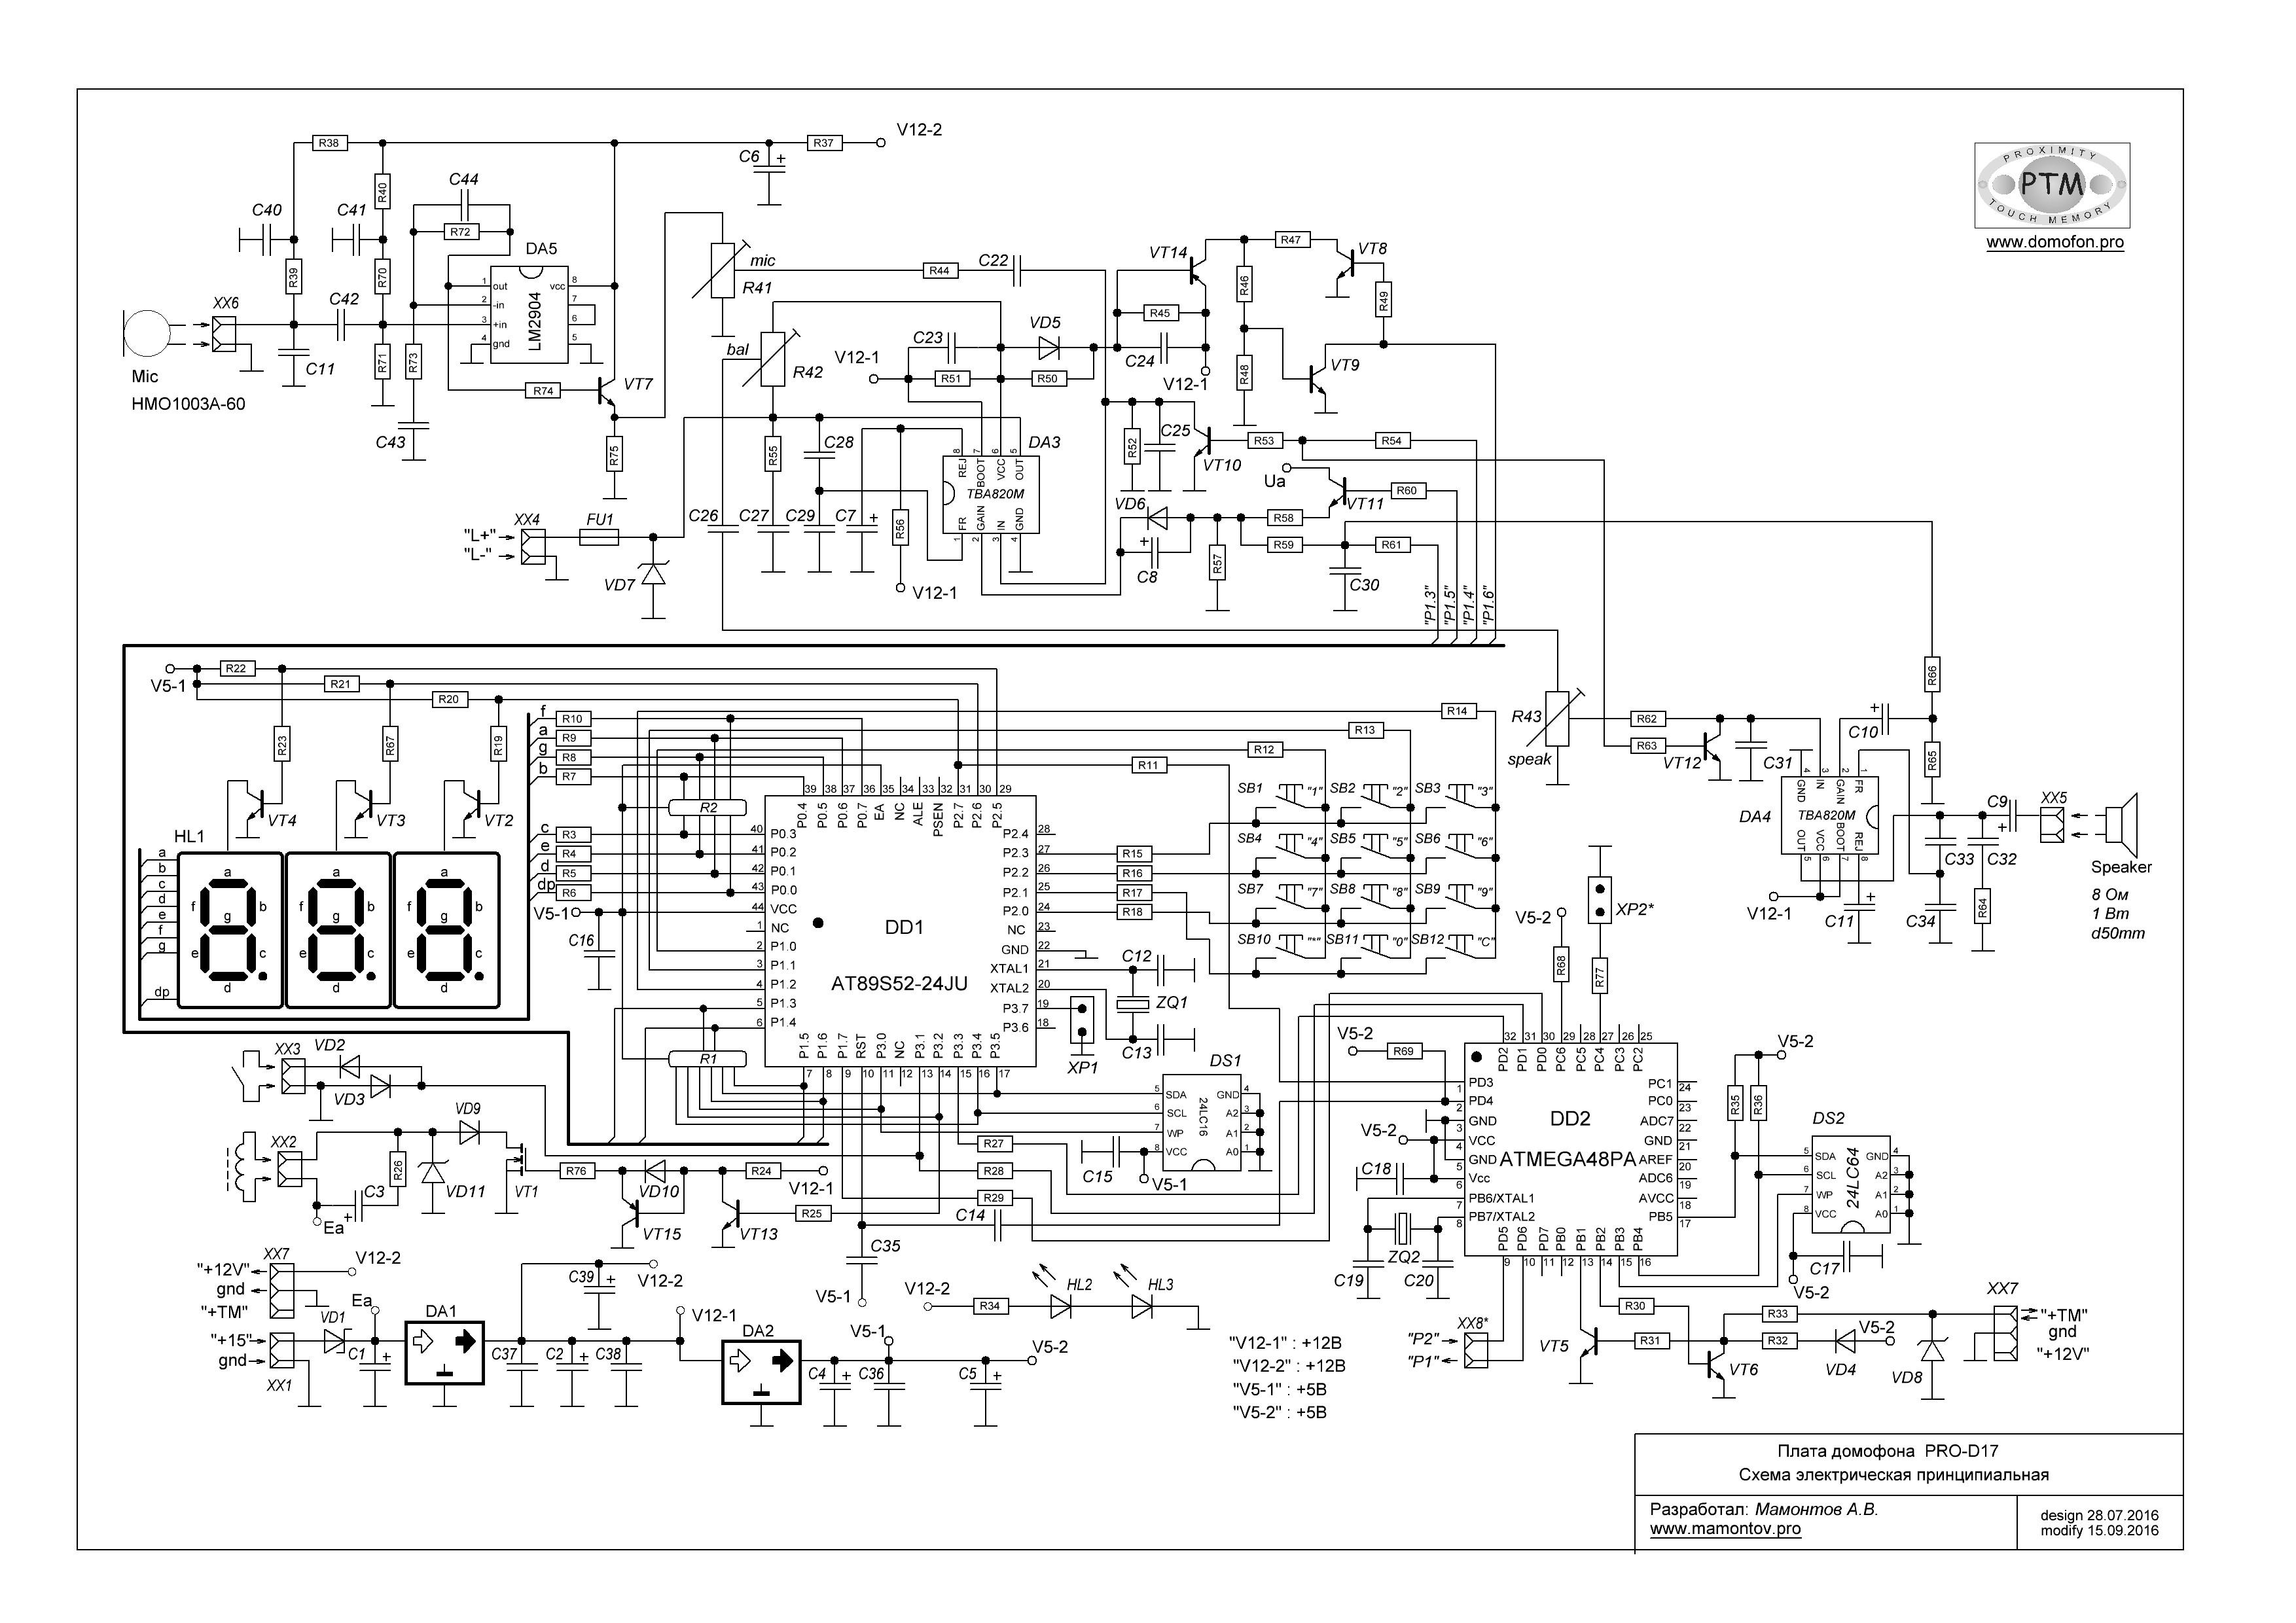 Принципиальная схема вызывной панели для видеодомофона